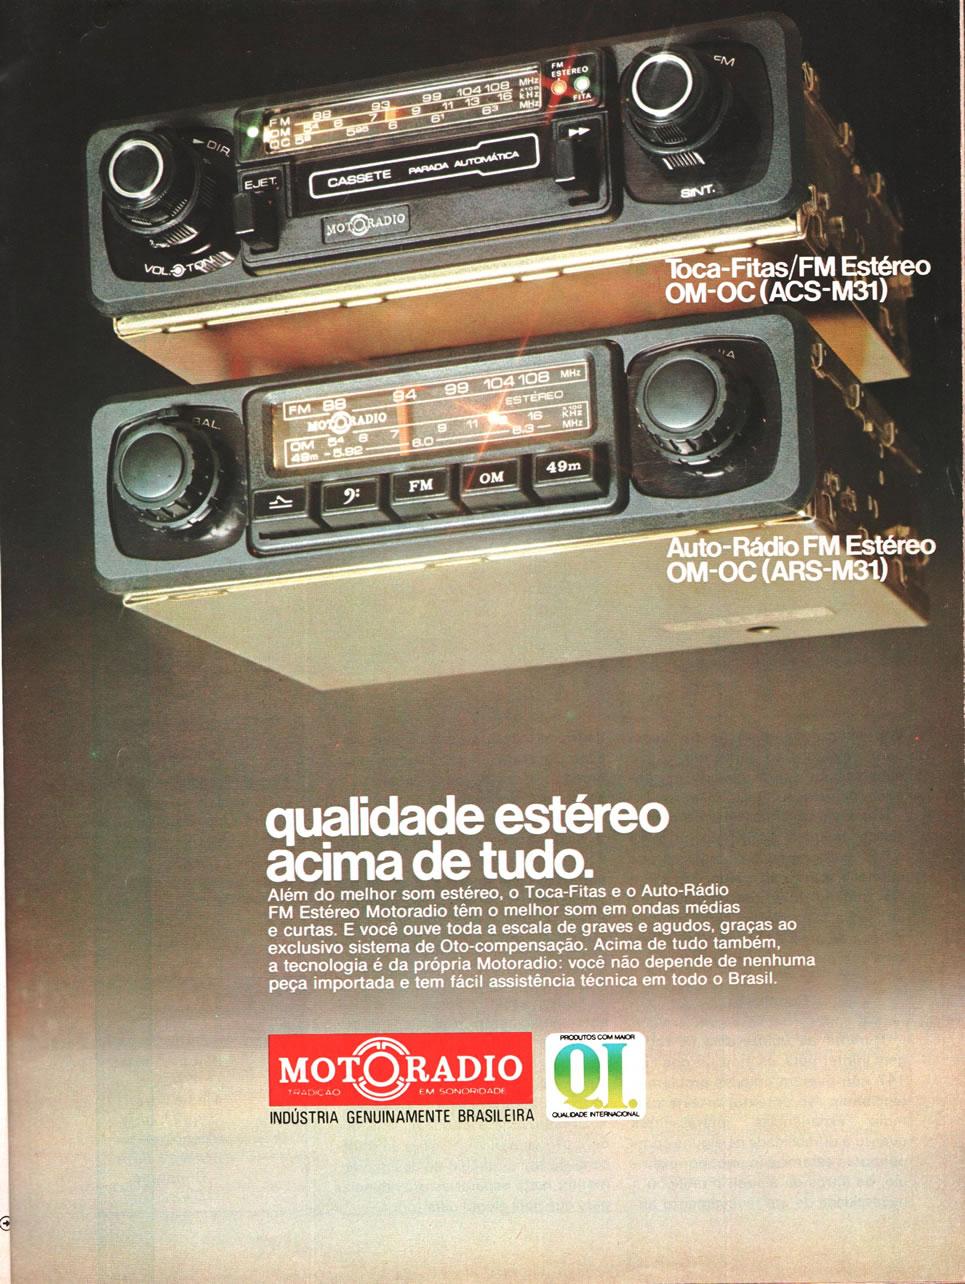 Propaganda veiculada no final dos anos 70 que promovia a qualidade do som estéreo do Motoradio